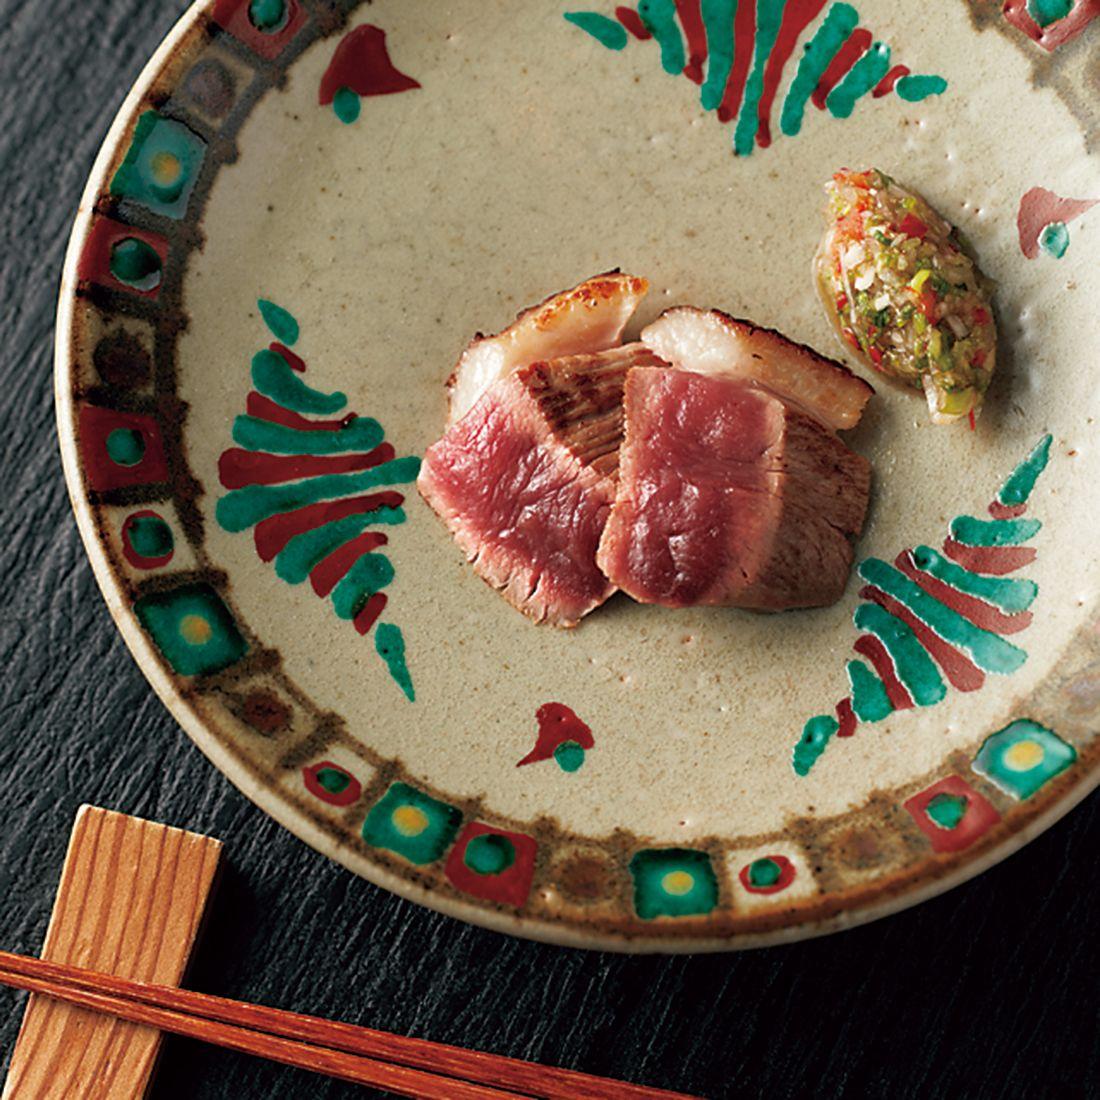 鉄板でじっくり火を入れた鴨肉のステーキ。